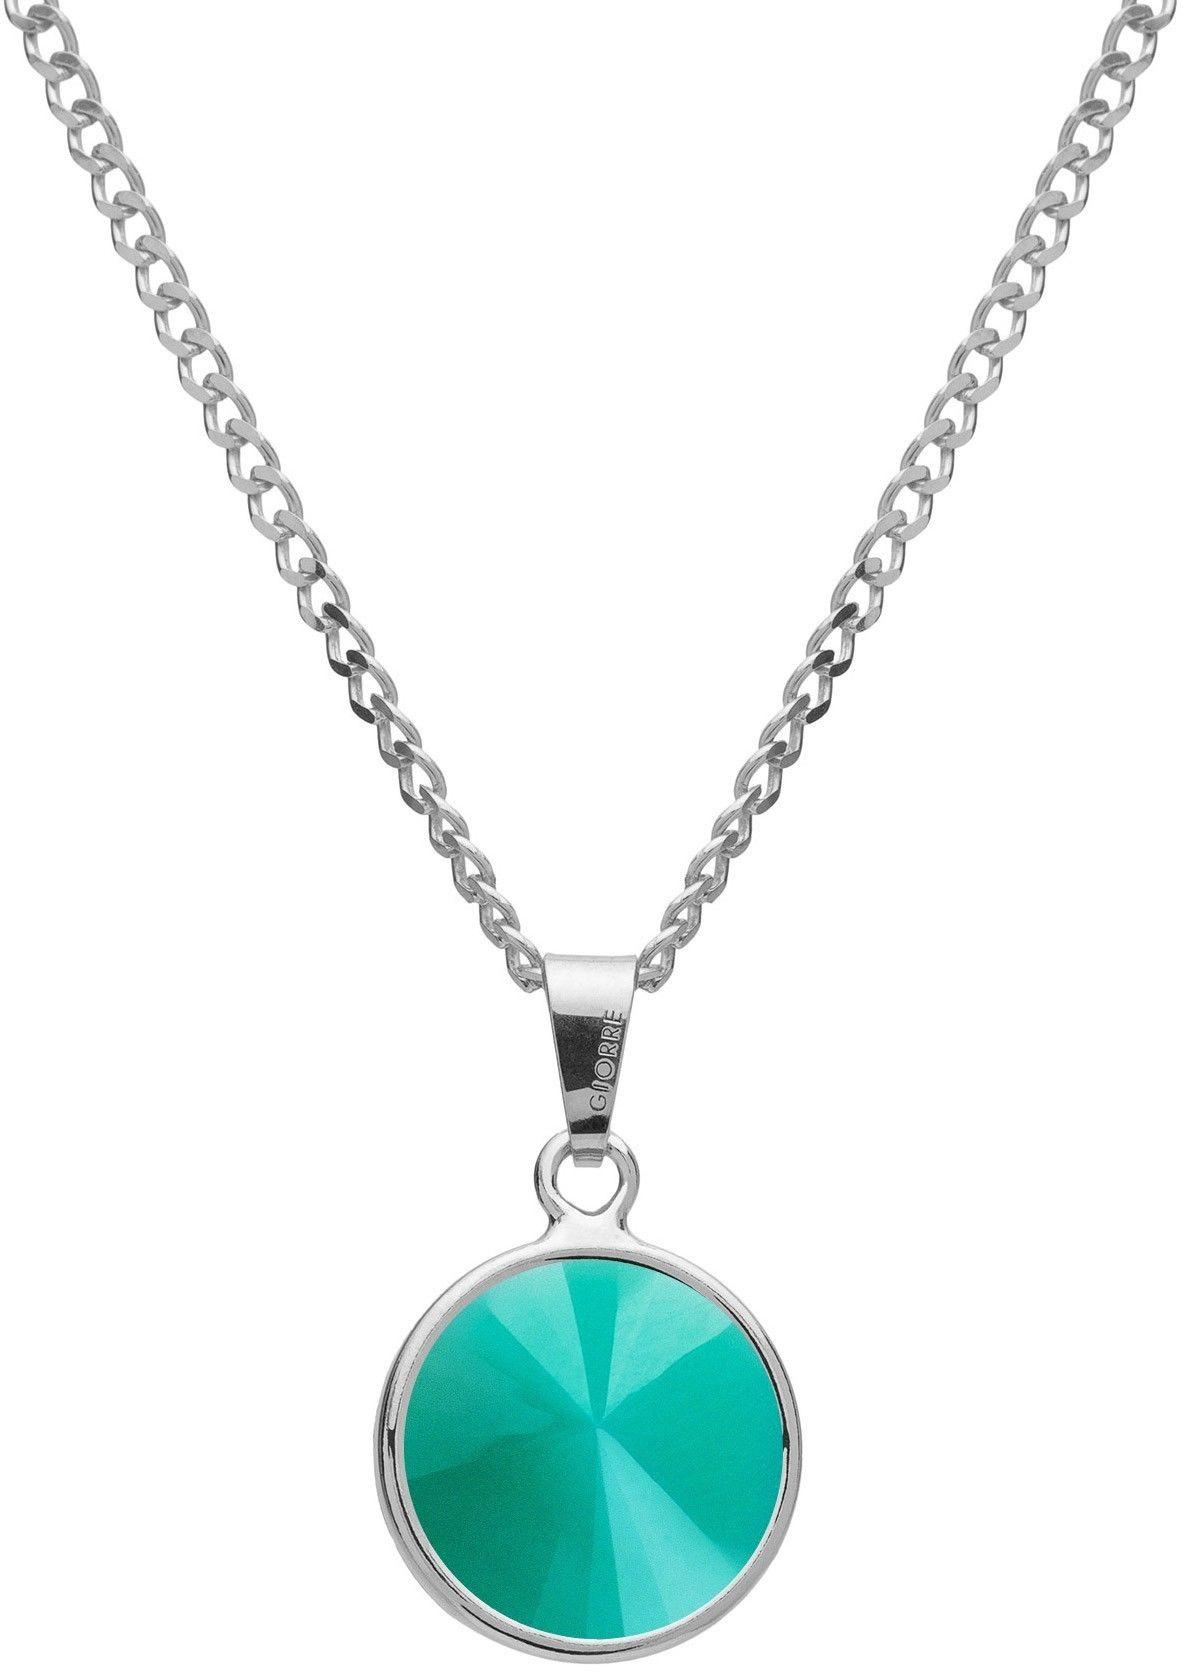 Srebrny naszyjnik z naturalnym kamieniem - jadeit, srebro 925 : Długość (cm) - 40 + 5 , Kamienie naturalne - kolor - jadeit zielony jasny, Srebro - kolor pokrycia - Pokrycie platyną